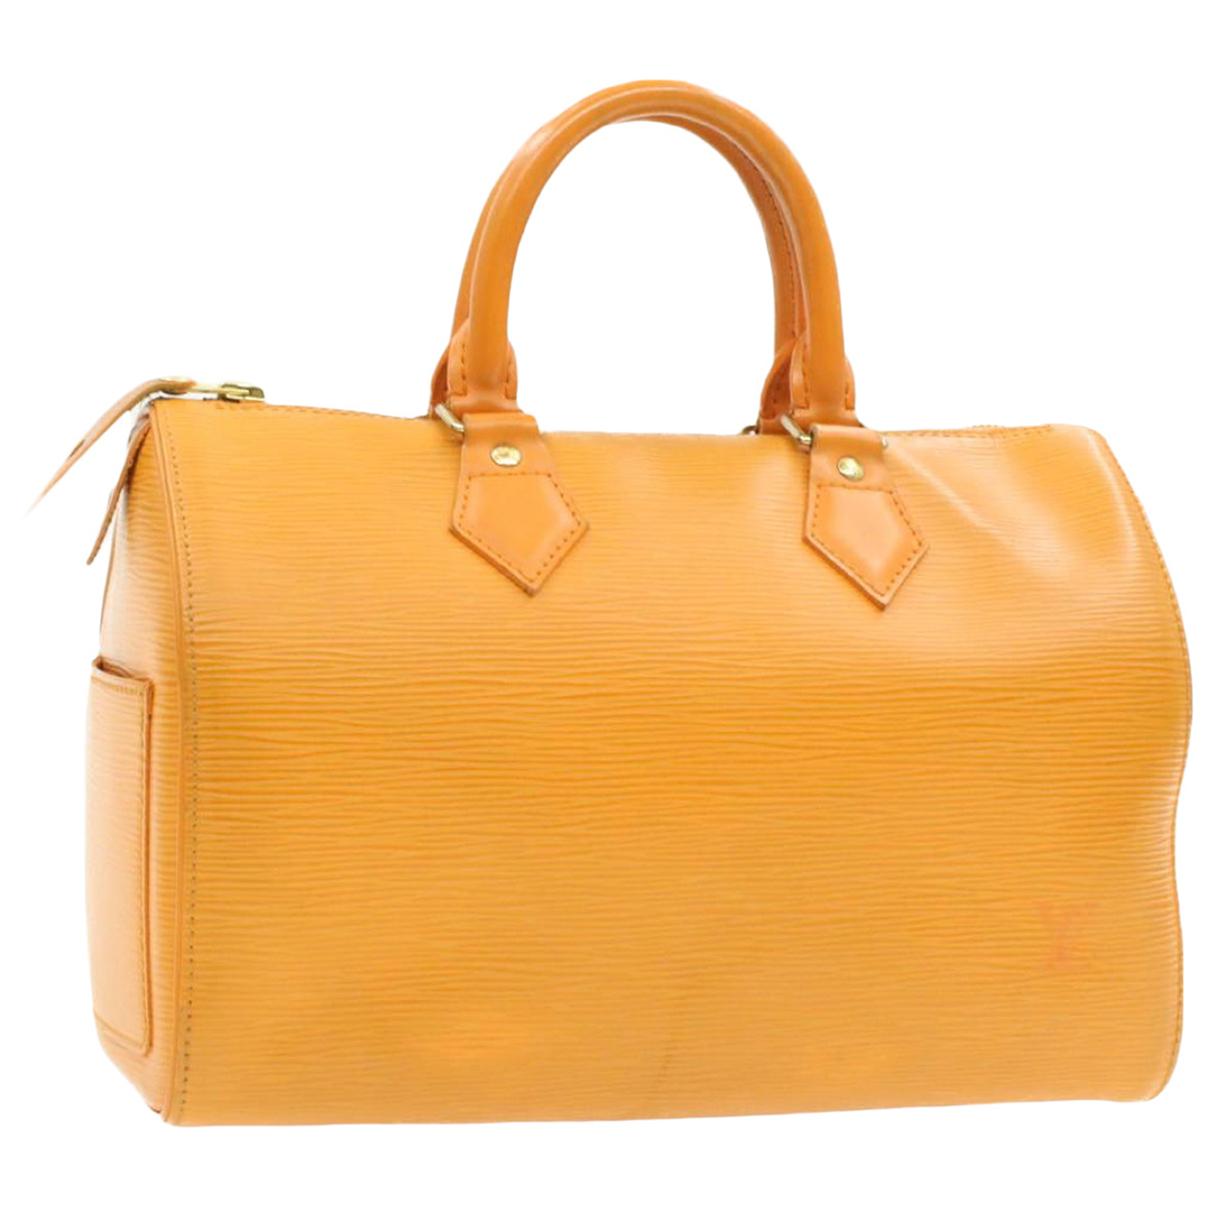 Louis Vuitton Speedy Doctor 25 Handtasche in  Orange Leder